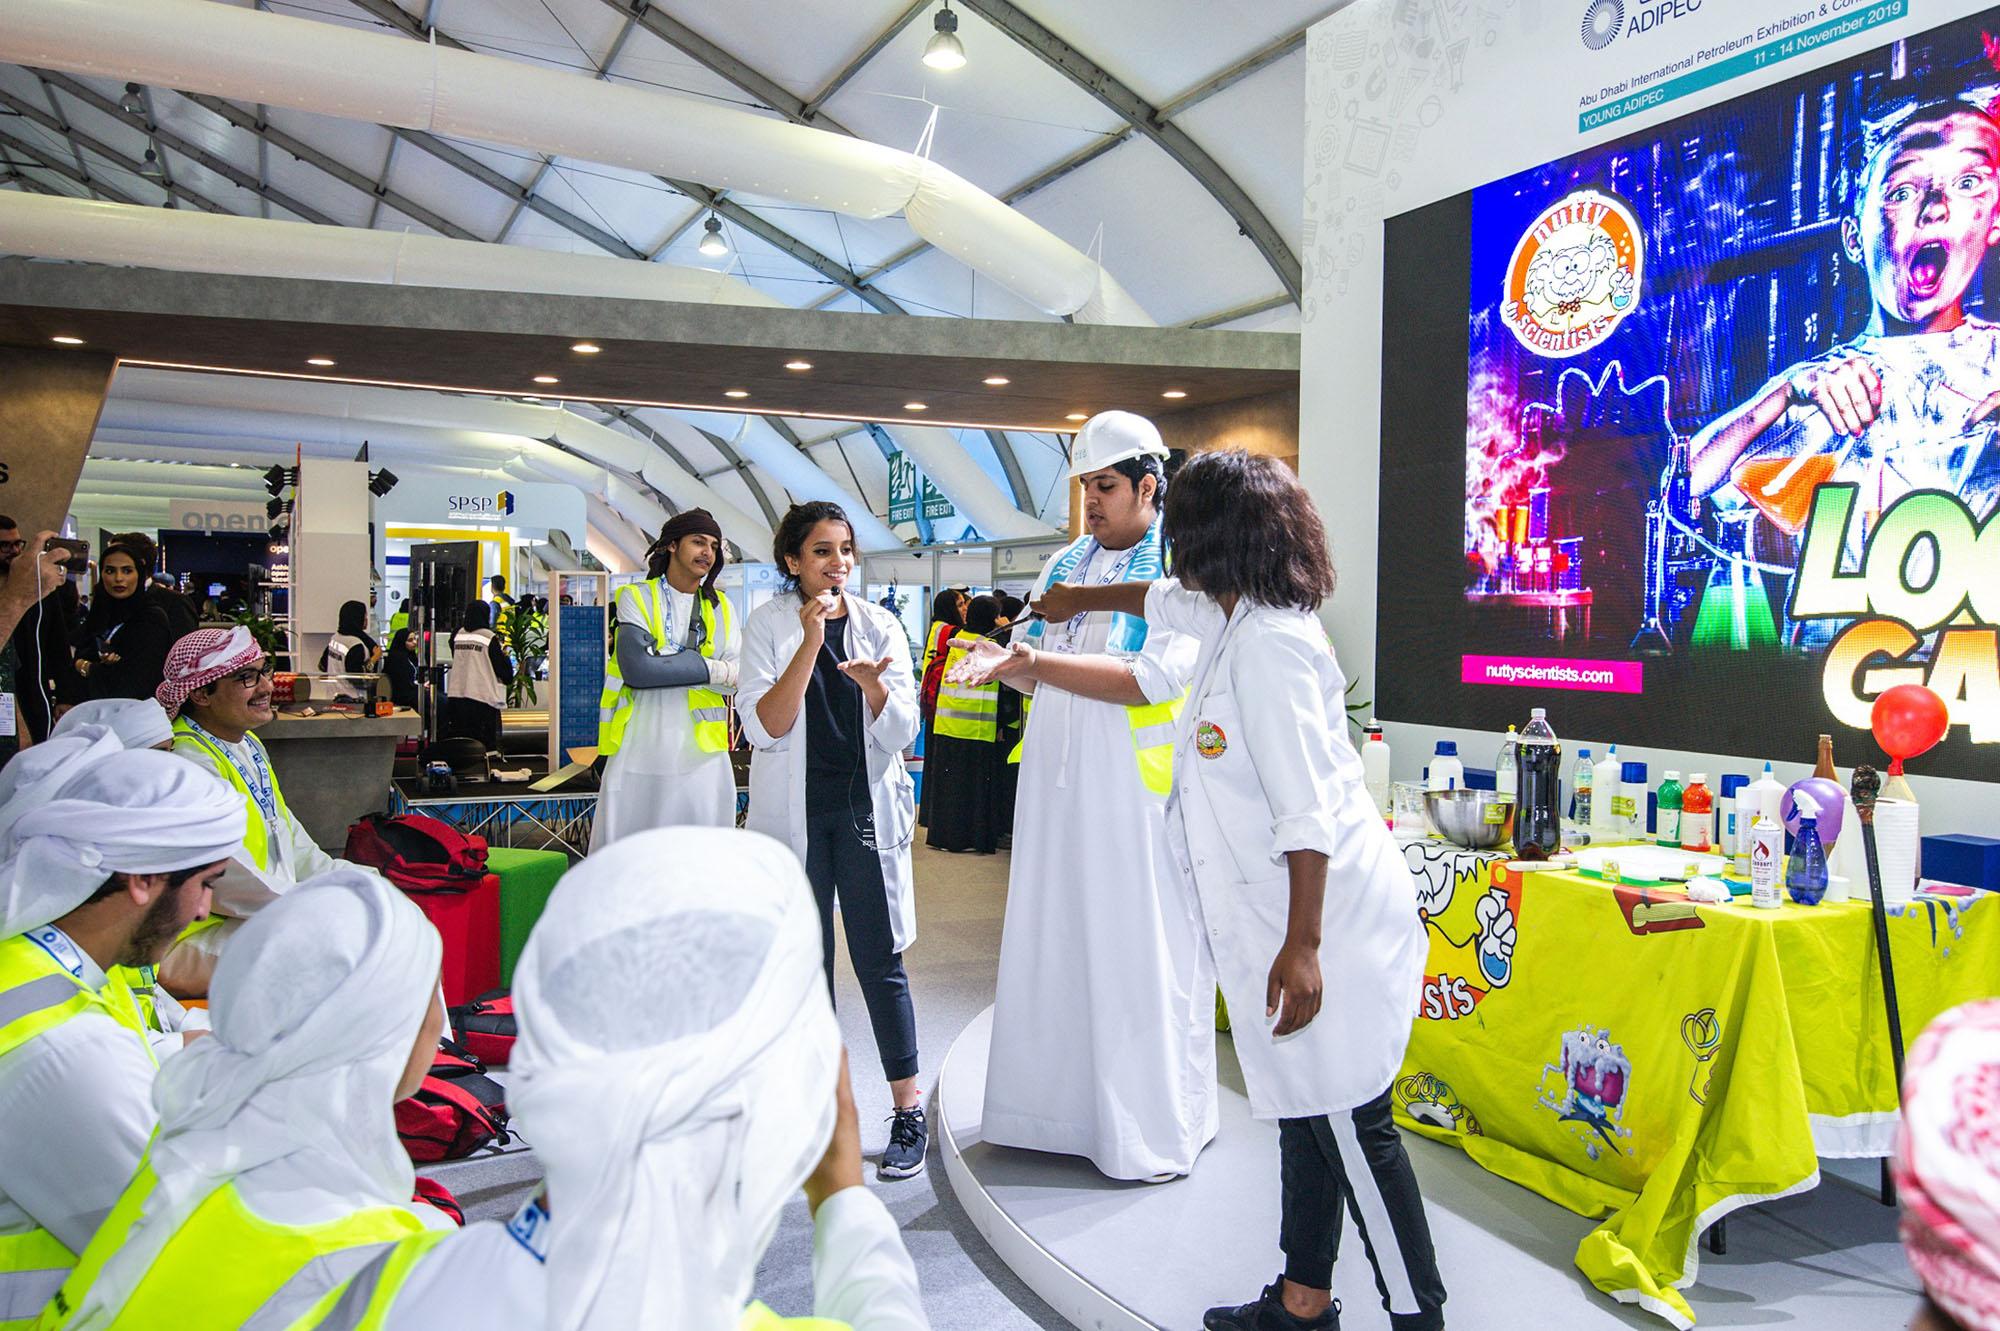 """طلبة مدارس يطلعون على آفاق المستقبل المهني في قطاع النفط والغاز بـ""""أديبك"""""""